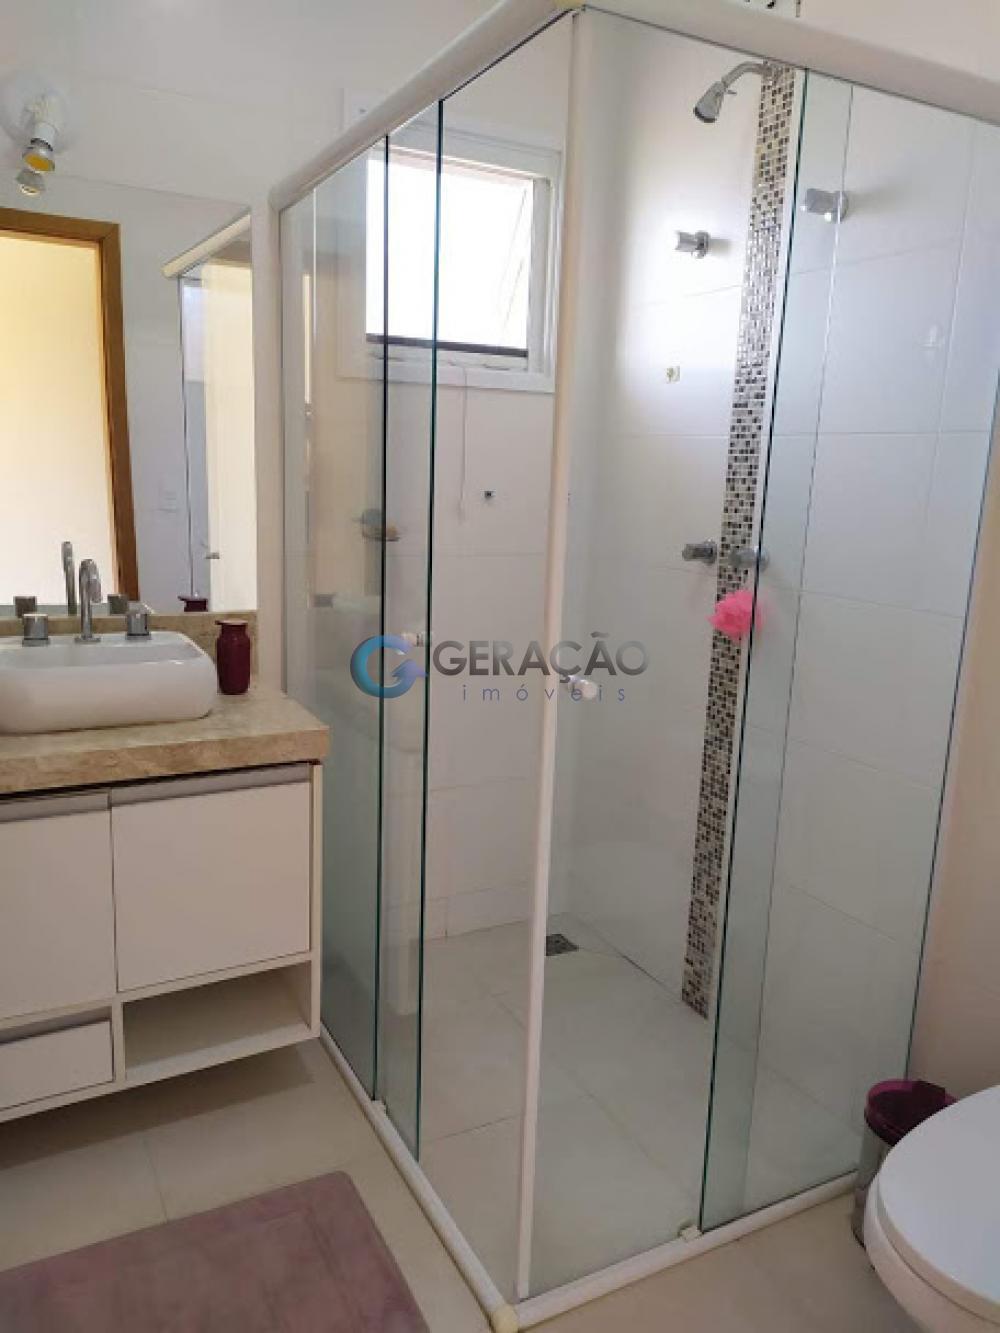 Comprar Casa / Condomínio em São José dos Campos R$ 1.150.000,00 - Foto 19